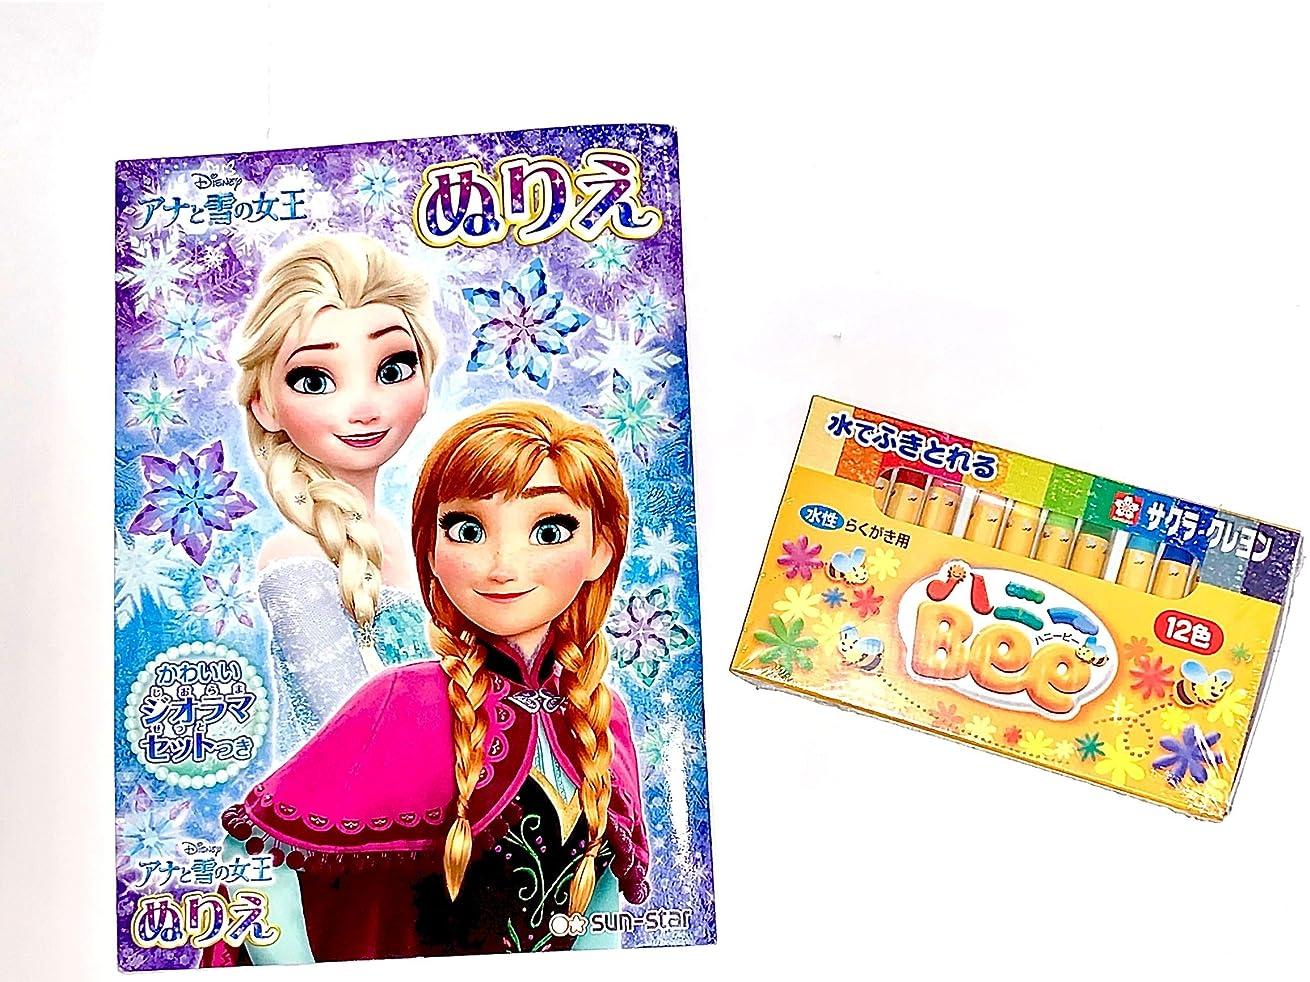 粘土叱る人口塗り絵アナと雪の女王とサクラクレヨン12色セット